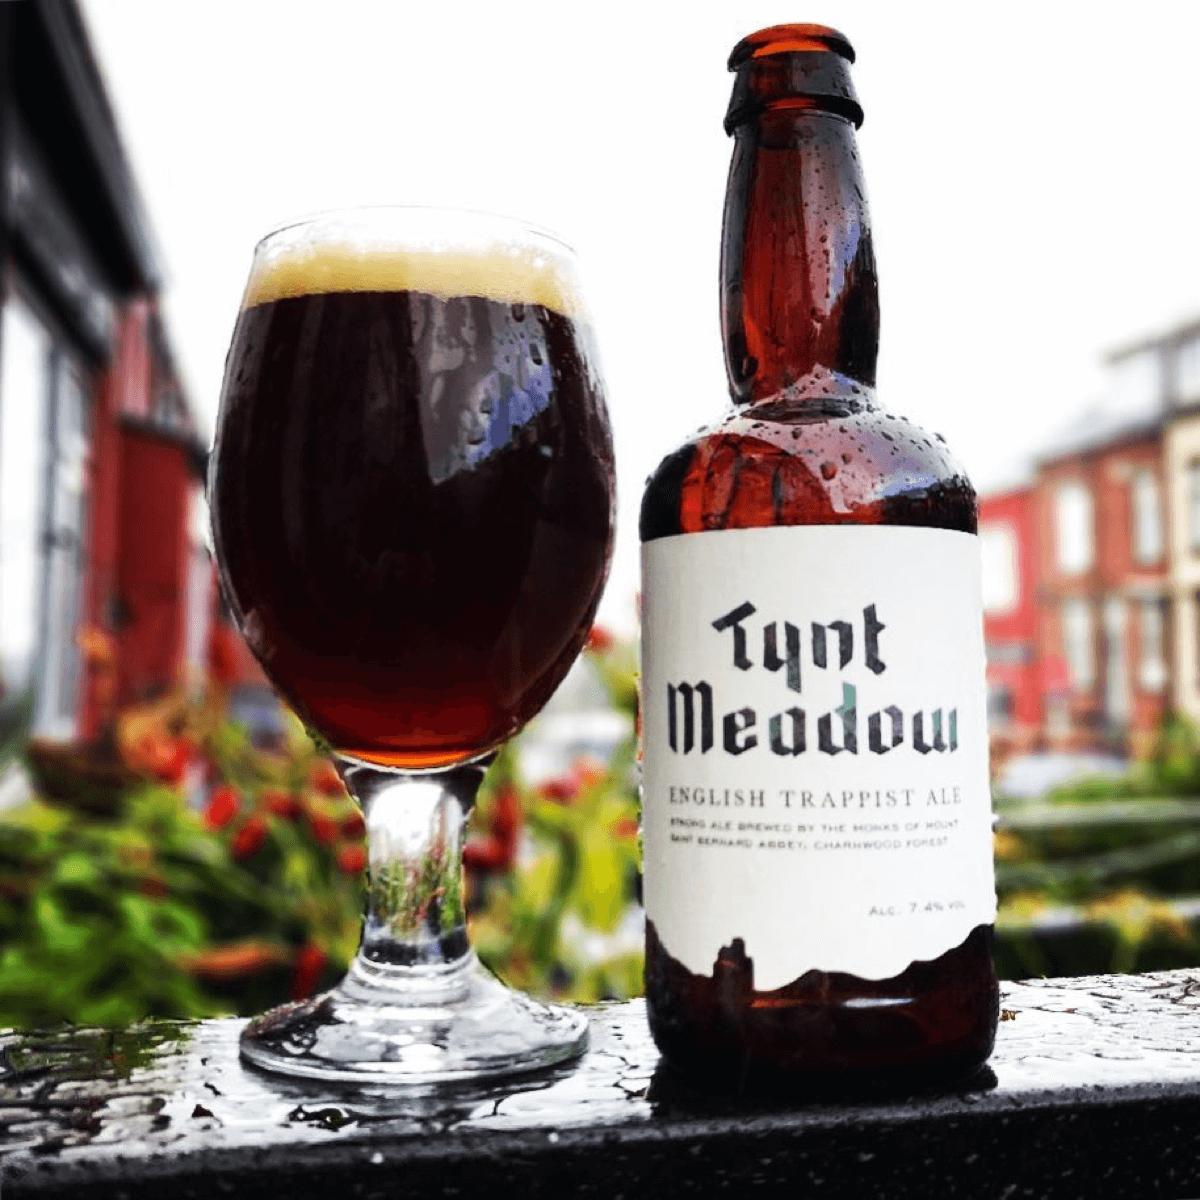 La Tynt Meadow est la première et unique bière trappiste 100% anglaise